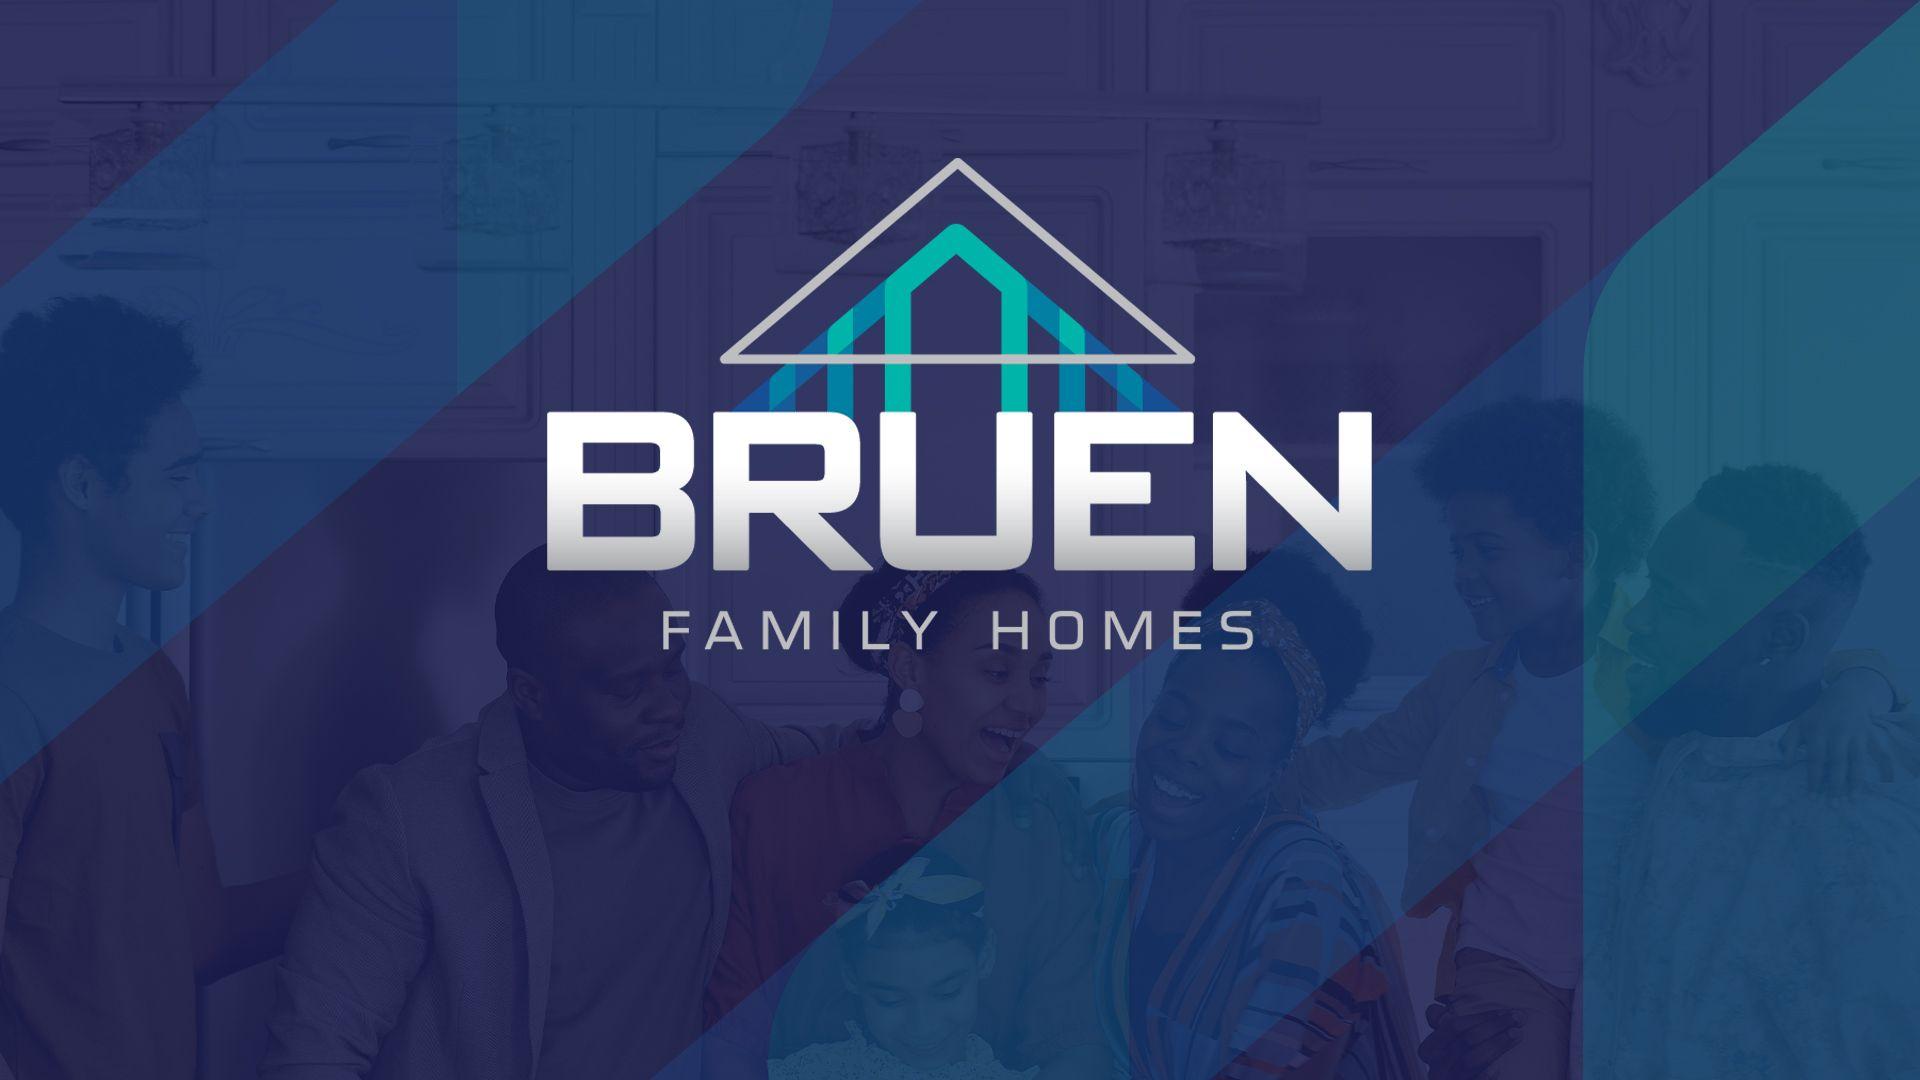 Website Development for Bruen Family Homes